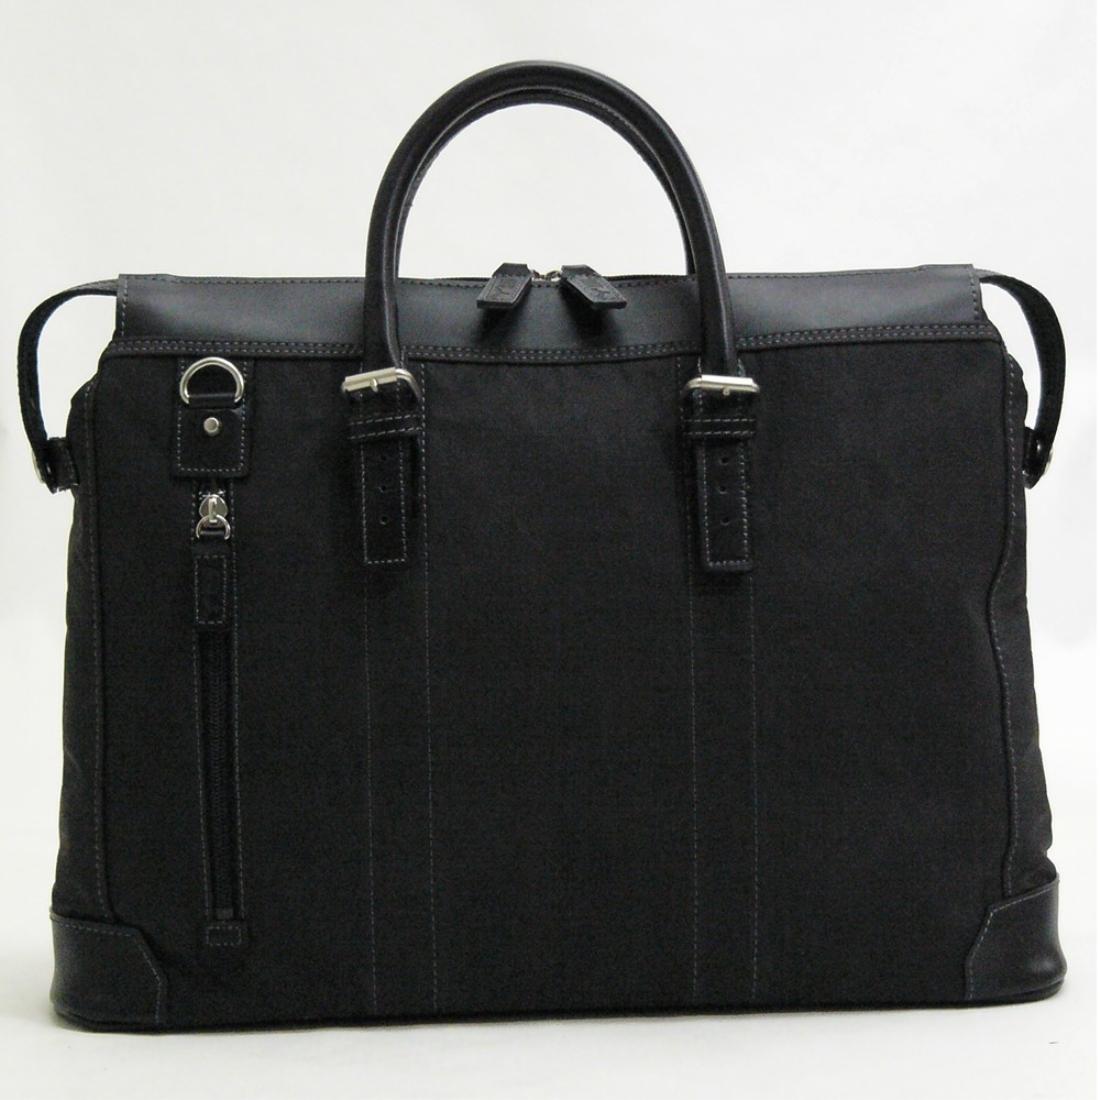 おしゃれ デザイン 日本 革 ビジネス 通勤カバン 通勤 バッグ 鞄 ファスナー 本革 付属フェイクレザー縦ファスナーポケット付ビジネスバッグ ブラック 日本製